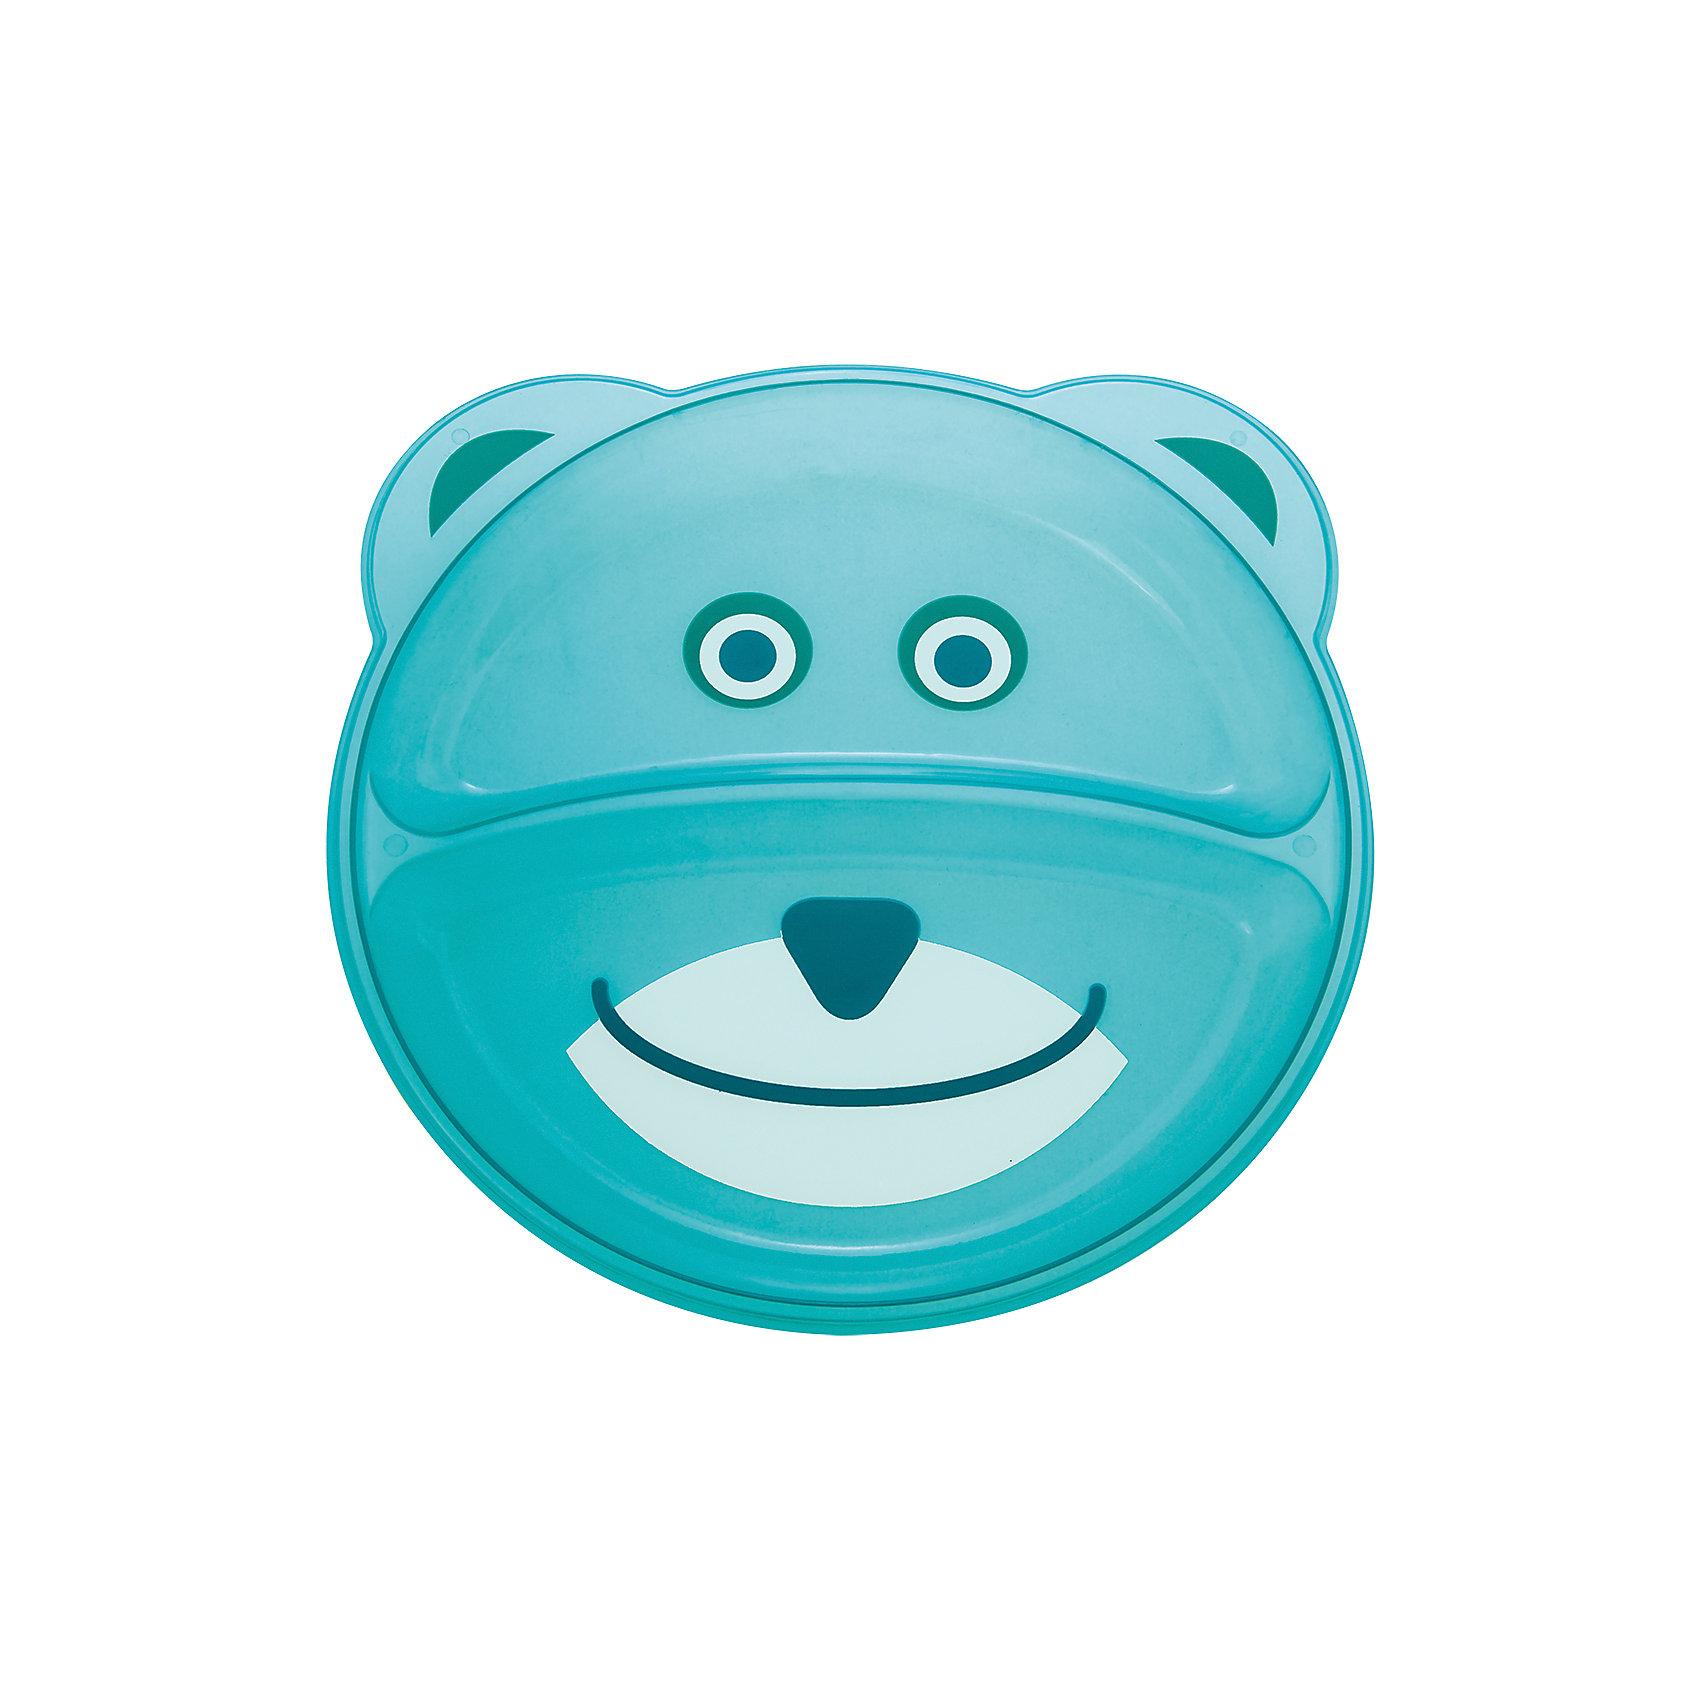 Тарелка с разделением Animals Мишка, 9+, Canpol Babies, бирюзовыйТарелка с разделением Animals Мишка, 9+, Canpol Babies (Канпол беби), бирюзовый.<br><br>Характеристики:<br>• есть 2 отсека для еды<br>• не содержит бисфенол-А<br>• можно использовать в микроволновой печи и посудомоечной машине<br>• интересный дизайн<br>• размер упаковки: 2х17,7х21,5 см<br>• вес: 100 грамм<br>• объем: 400 мл<br>• цвет: бирюзовый<br>• материал: пластик <br><br>Тарелка Мишка изготовлена из качественного пластика и не содержит бисфенол-А. Тарелка имеет 2 отсека для еды. Вы сможете подать отдельно мясо и гарнир или кашу и фрукты. Посуда выполнена в виде улыбающегося мишки, который с удовольствием покажет крохе свою мордашку после обеда. Такая веселая тарелочка превратит прием пищи в веселую игру!<br><br>Тарелку с разделением Animals Мишка, 9+, Canpol Babies (Канпол беби), бирюзовый вы можете купить в нашем интернет-магазине.<br><br>Ширина мм: 20<br>Глубина мм: 215<br>Высота мм: 177<br>Вес г: 390<br>Возраст от месяцев: 9<br>Возраст до месяцев: 36<br>Пол: Унисекс<br>Возраст: Детский<br>SKU: 5156694